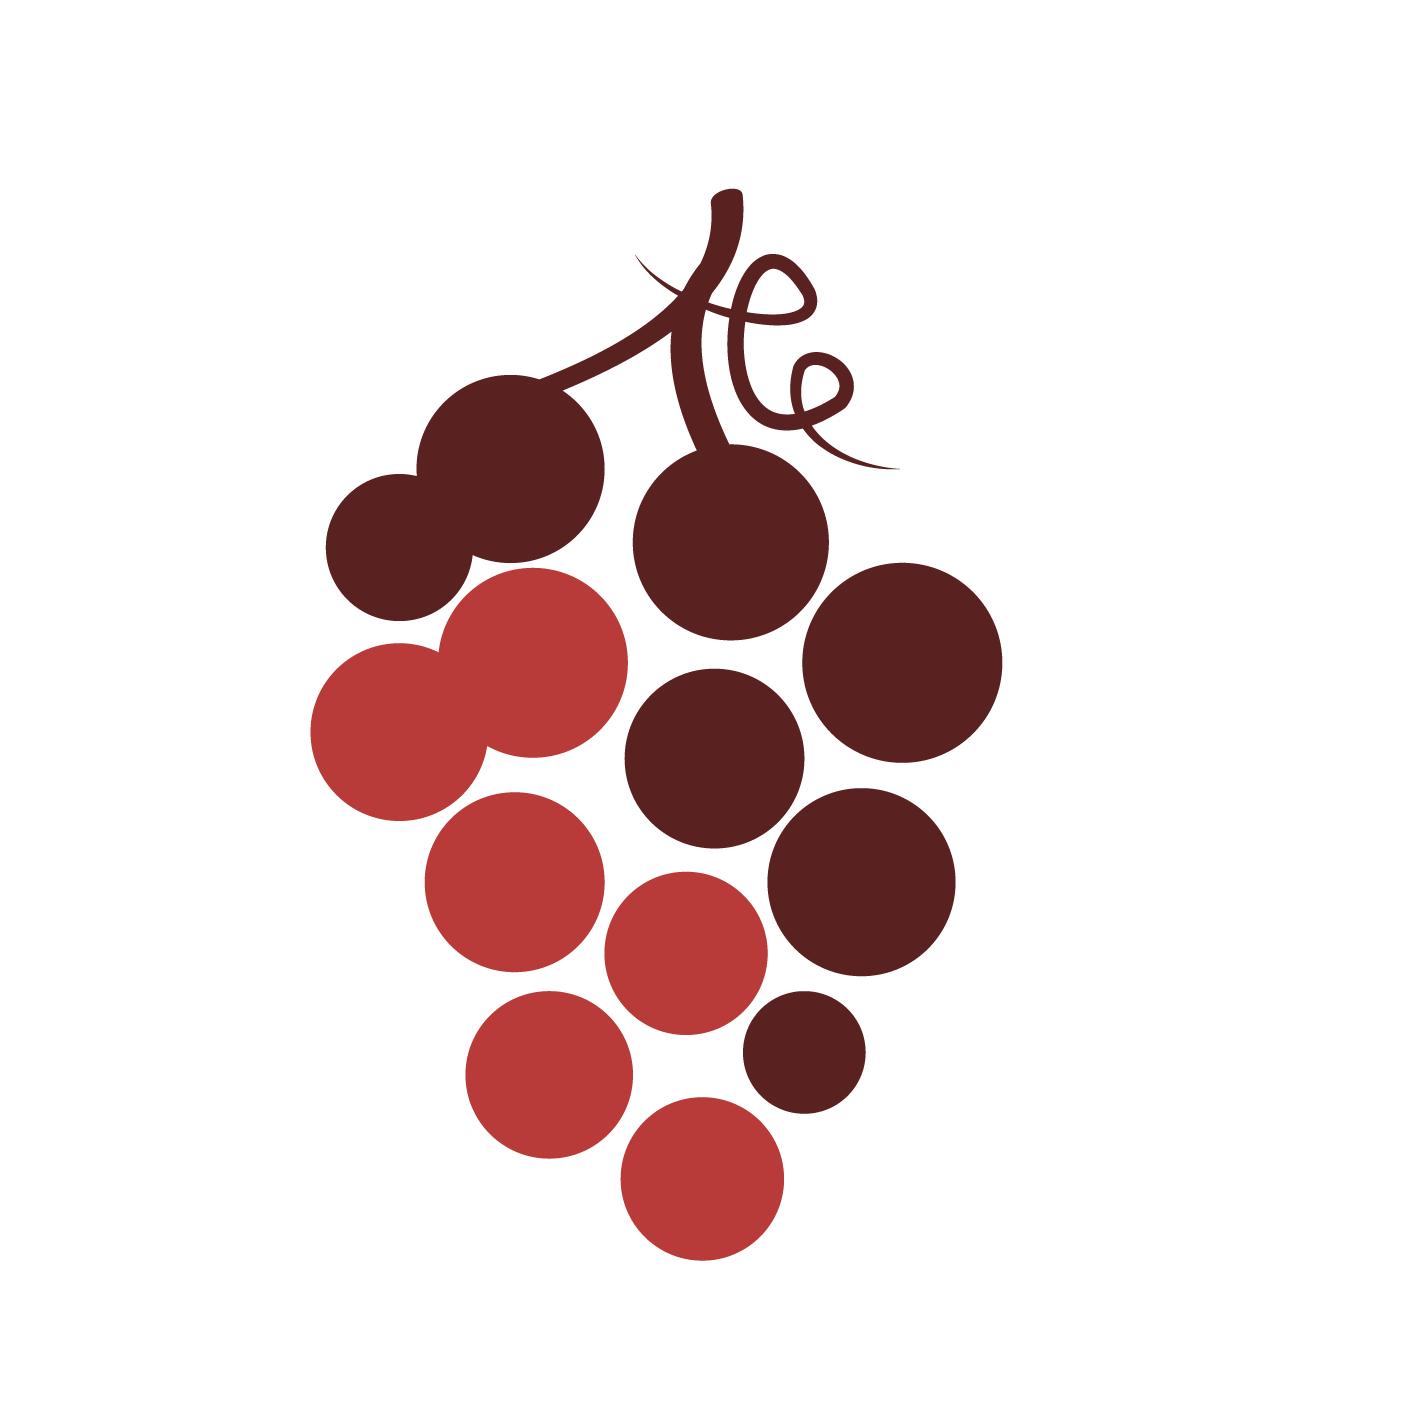 Silhouette d'une grappe de raisin rouge